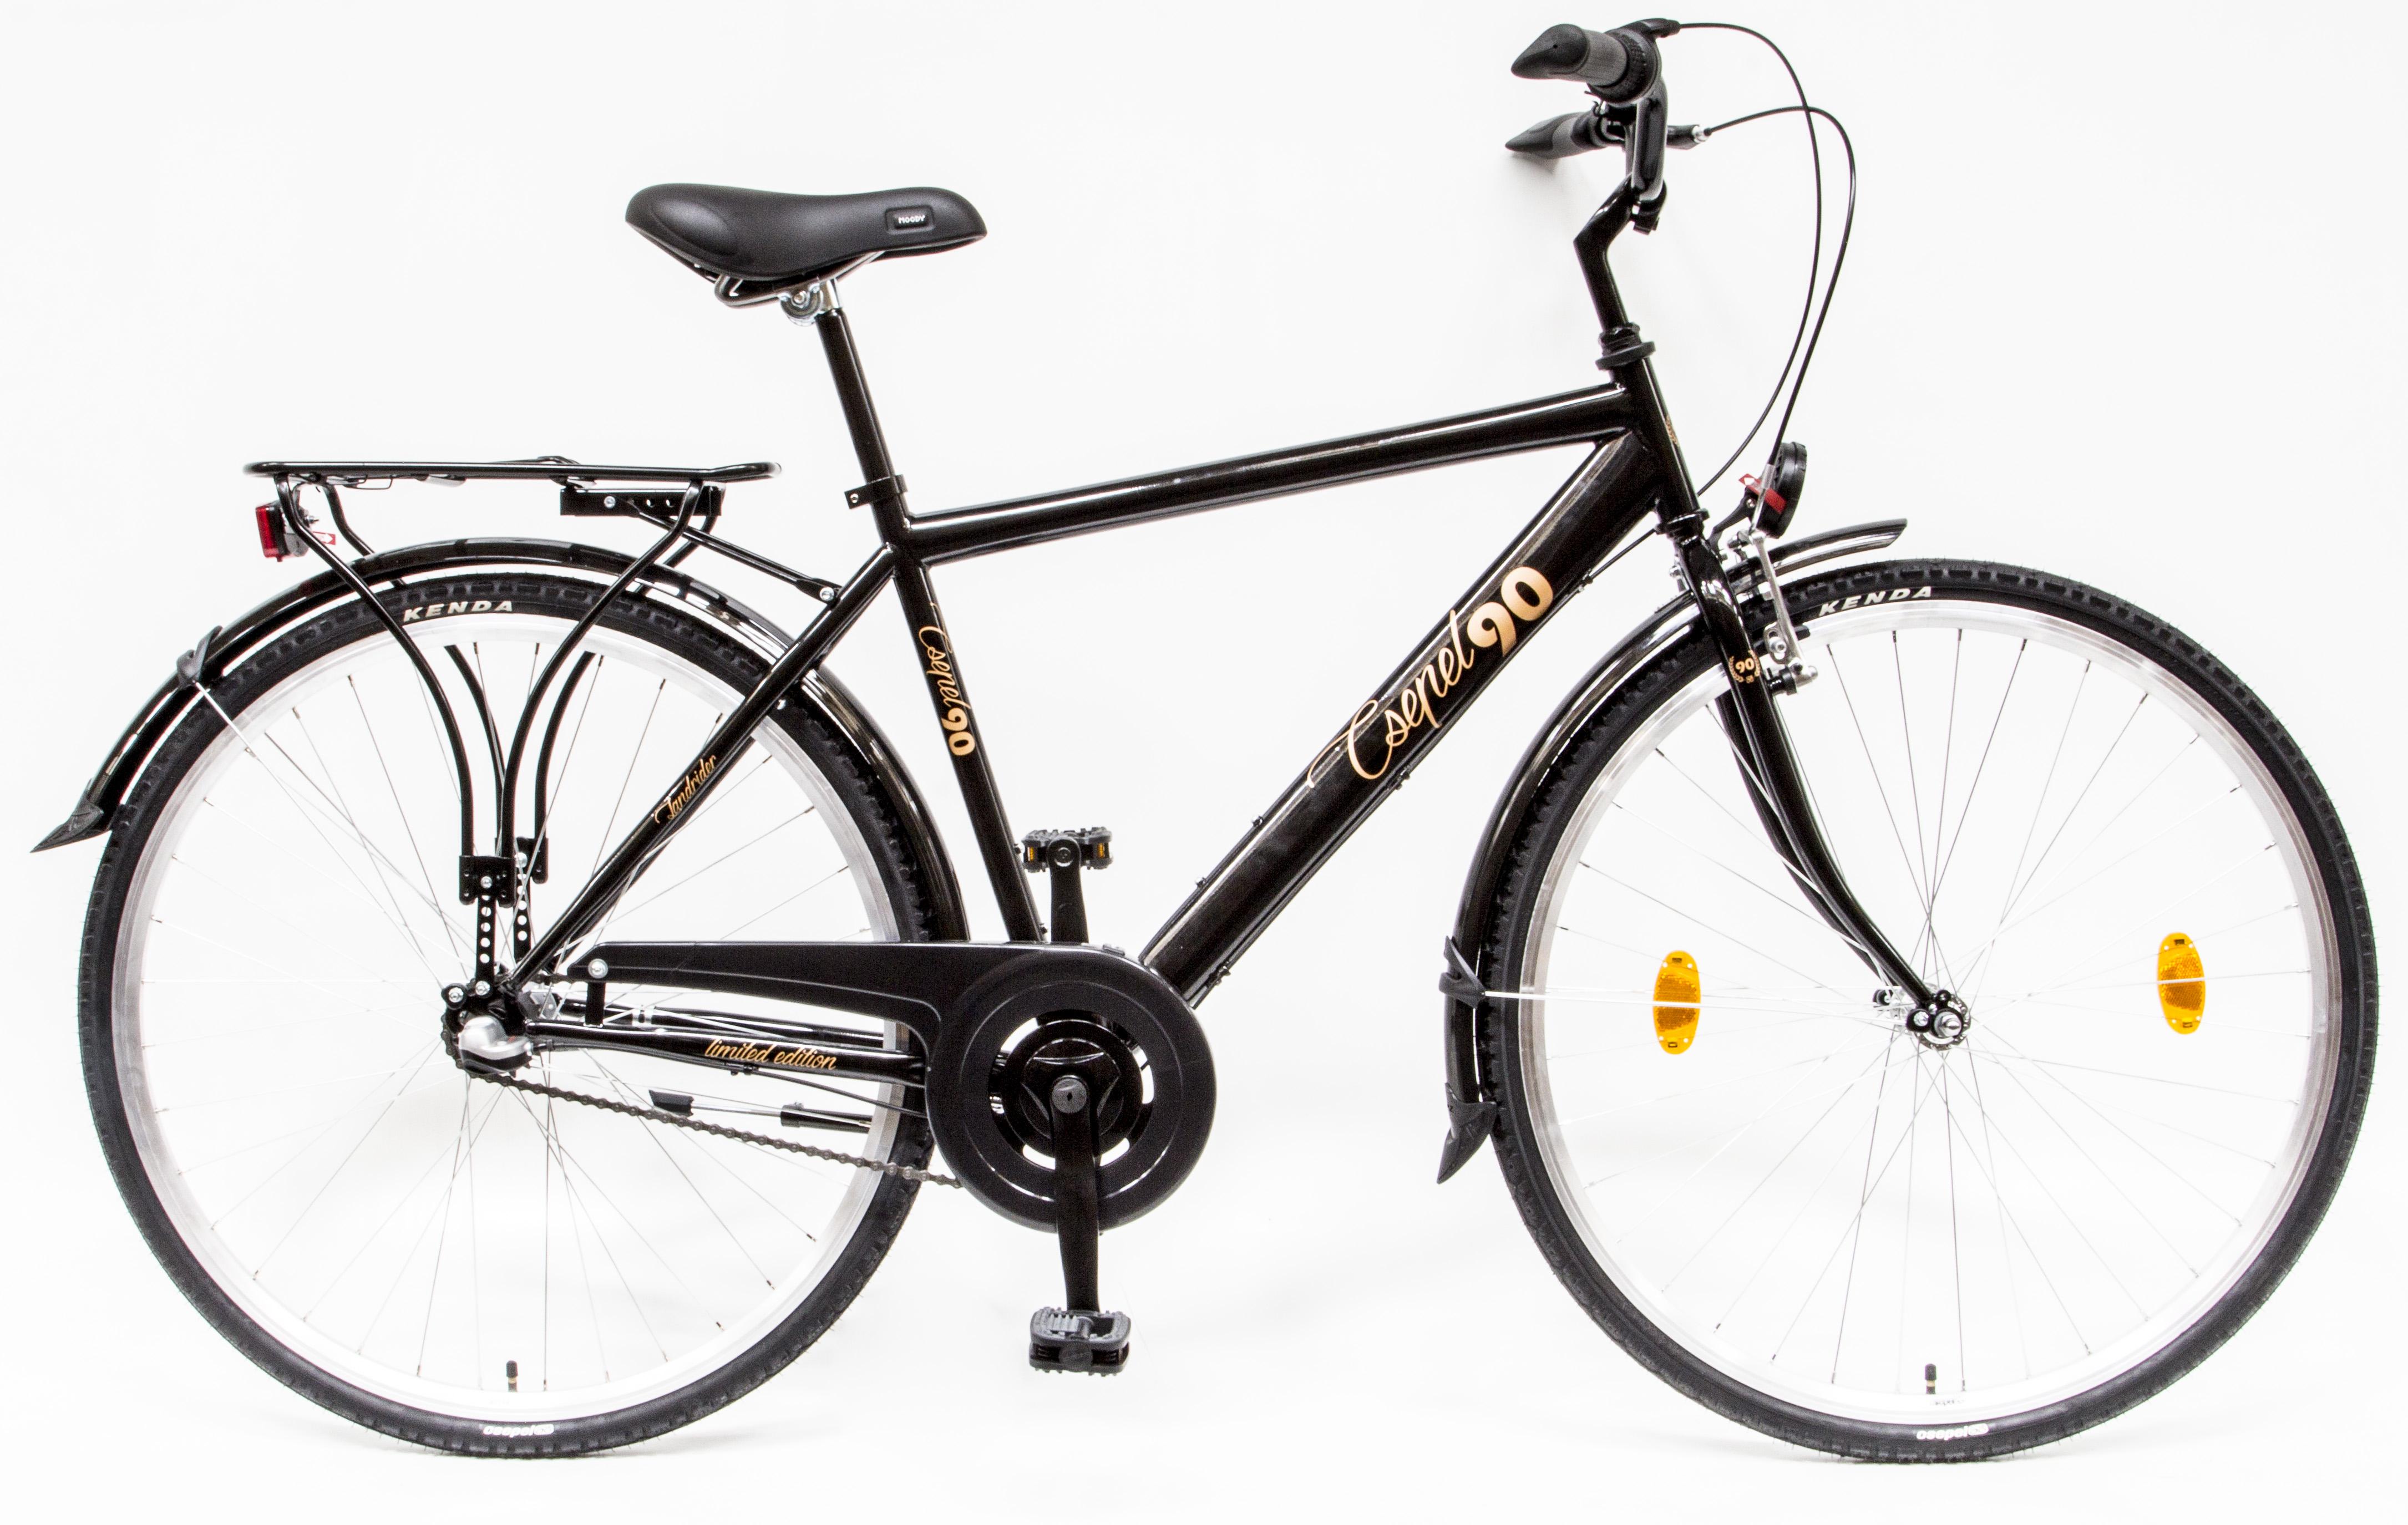 a128e482cedd Schwinncsepel LANDRIDER 28/19 N3 90 LIMITÁLT férfi Trekking Kerékpár | férfi  | Kerépár Webshop | Akciós kerékpárok